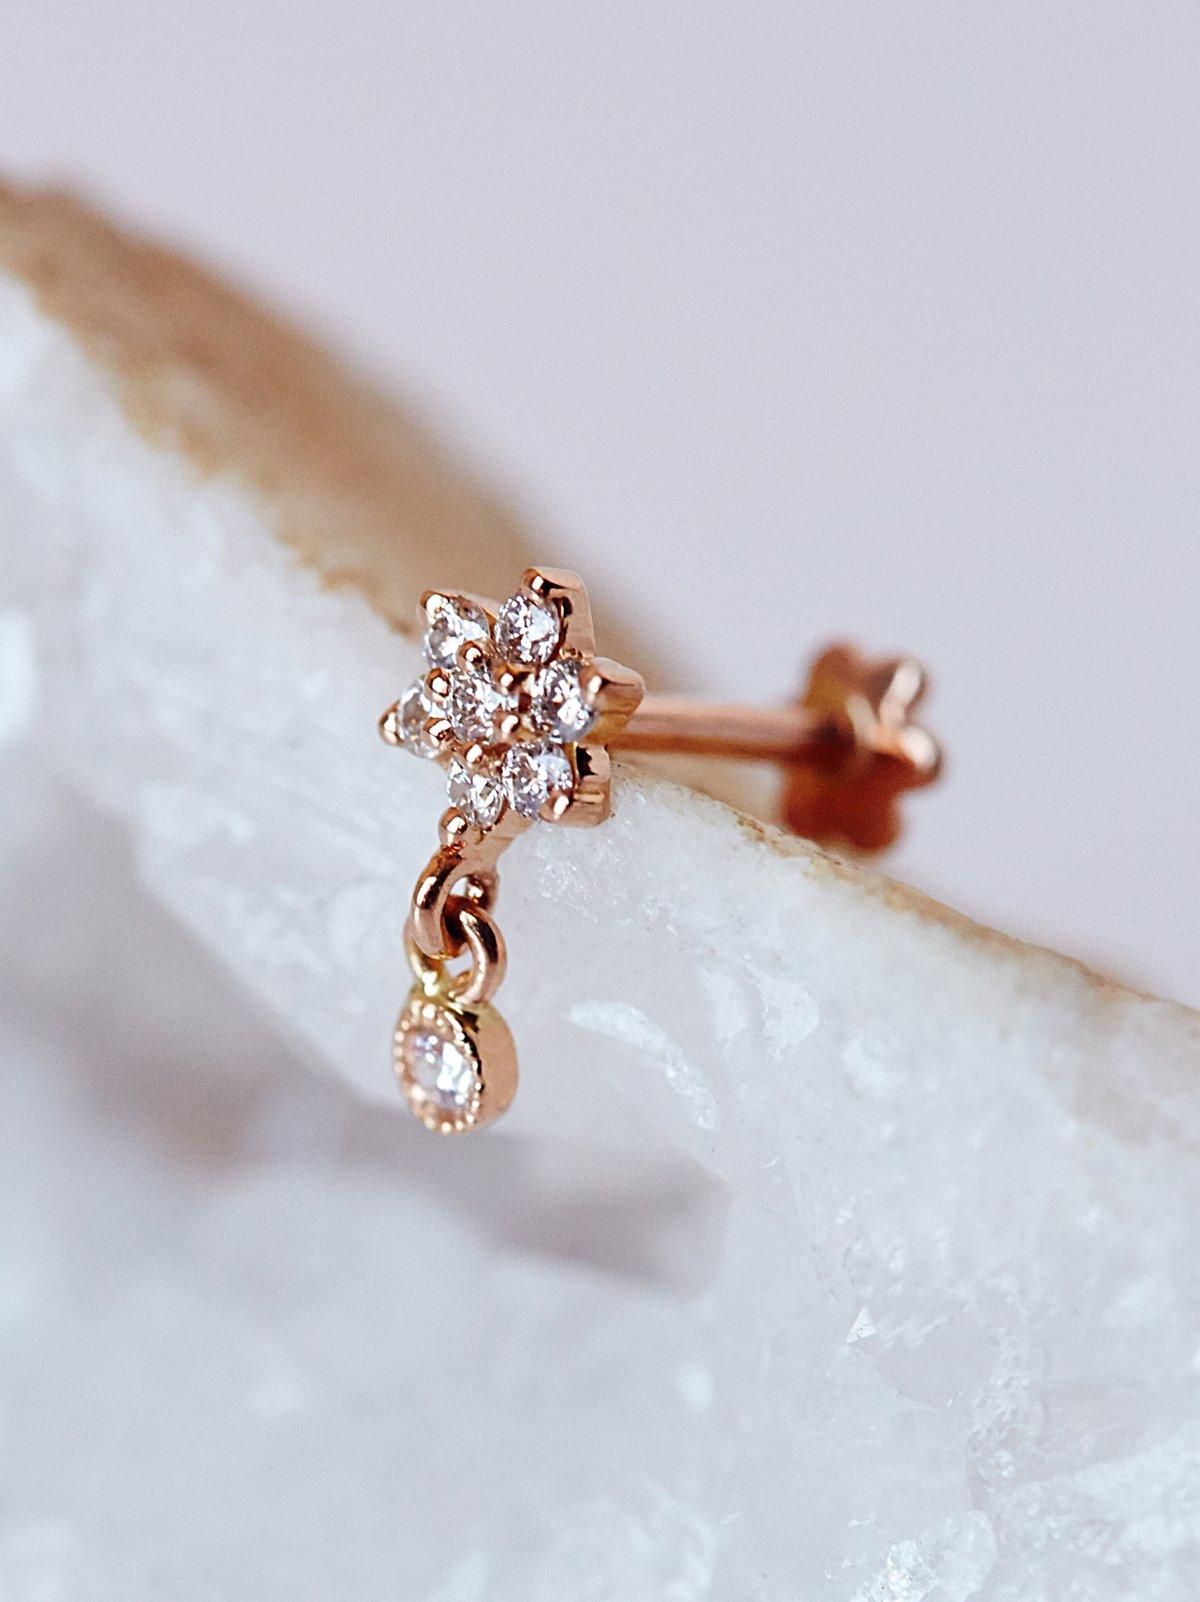 钻石耳坠花朵形穿耳耳钉